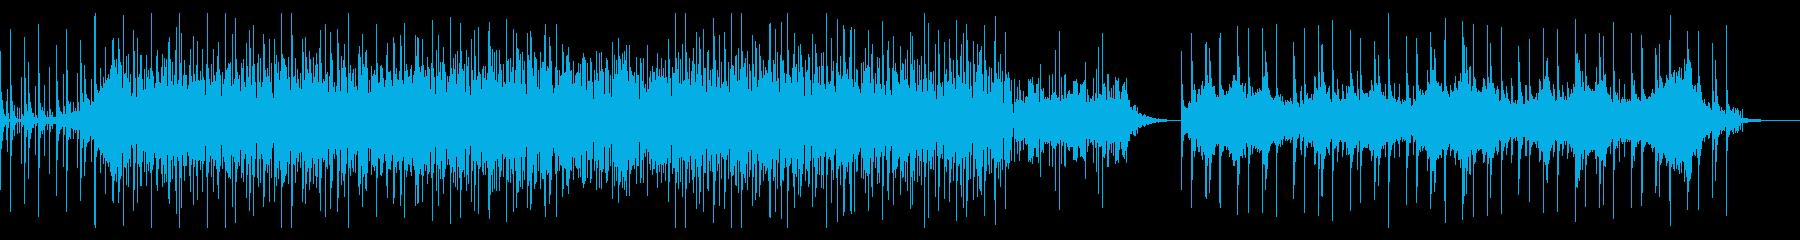 ディープなビートとハードなシンセベースの再生済みの波形